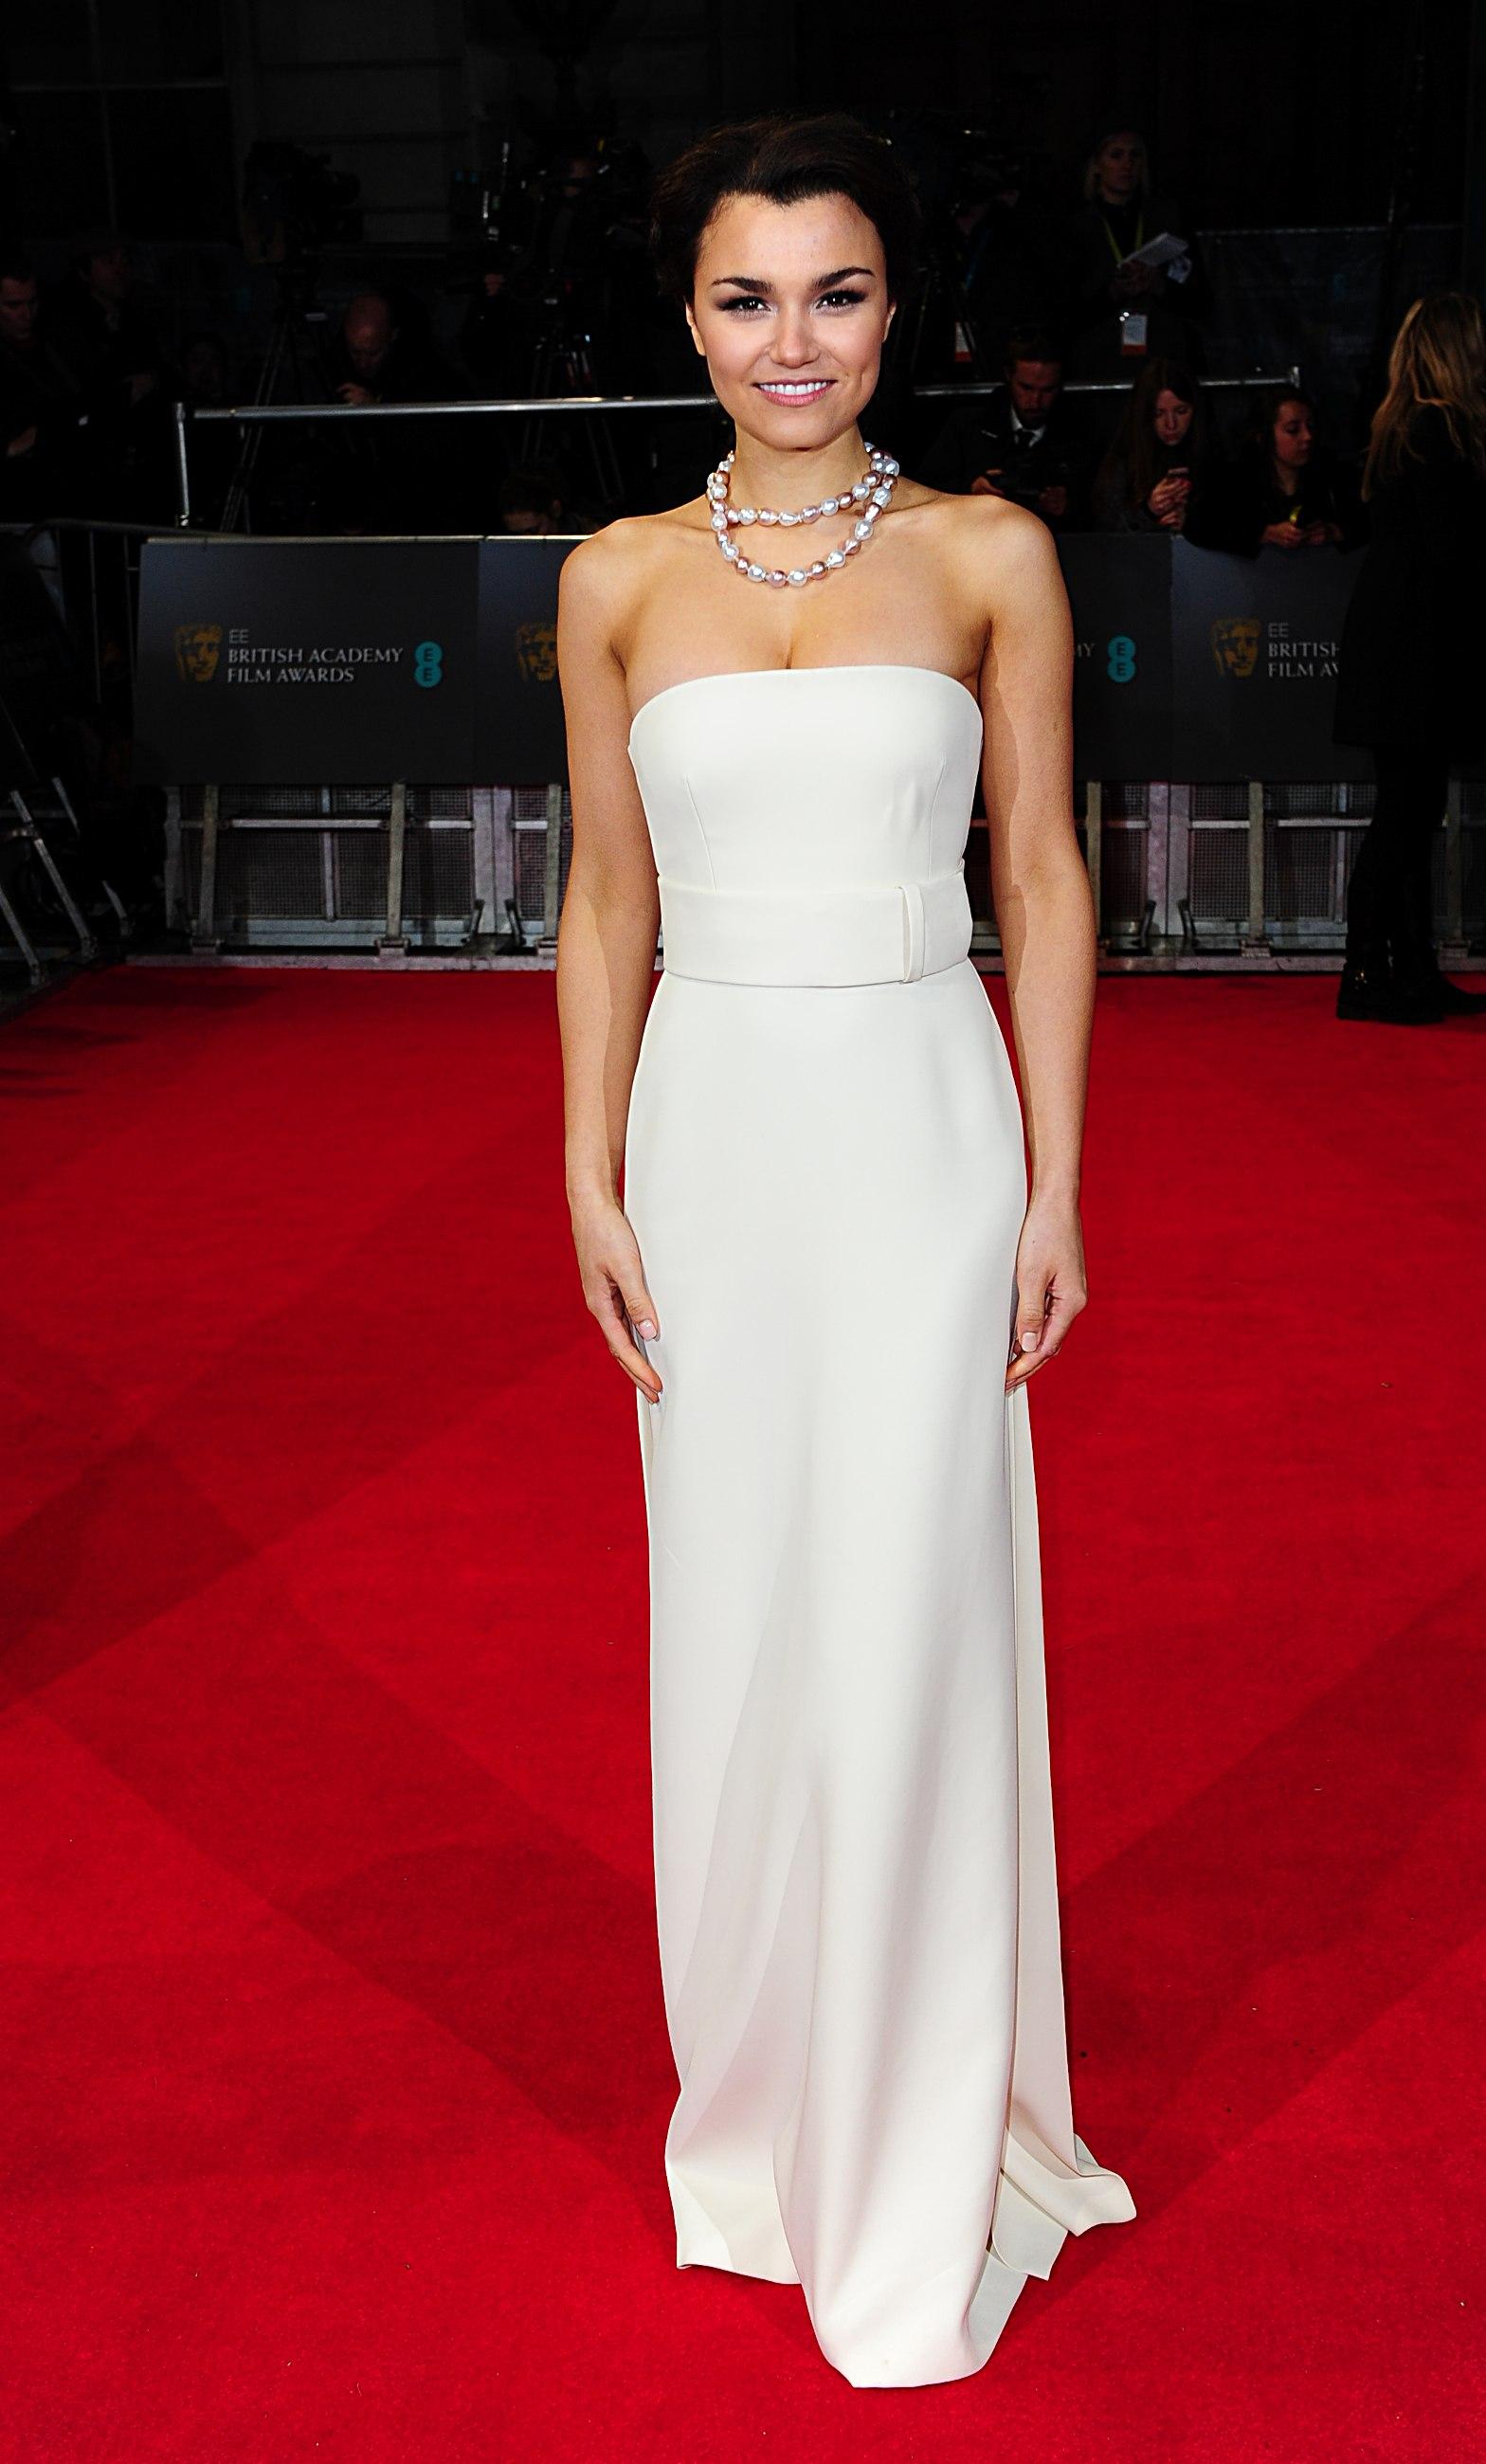 Steve McQueen on the BAFTAs red carpet 2014